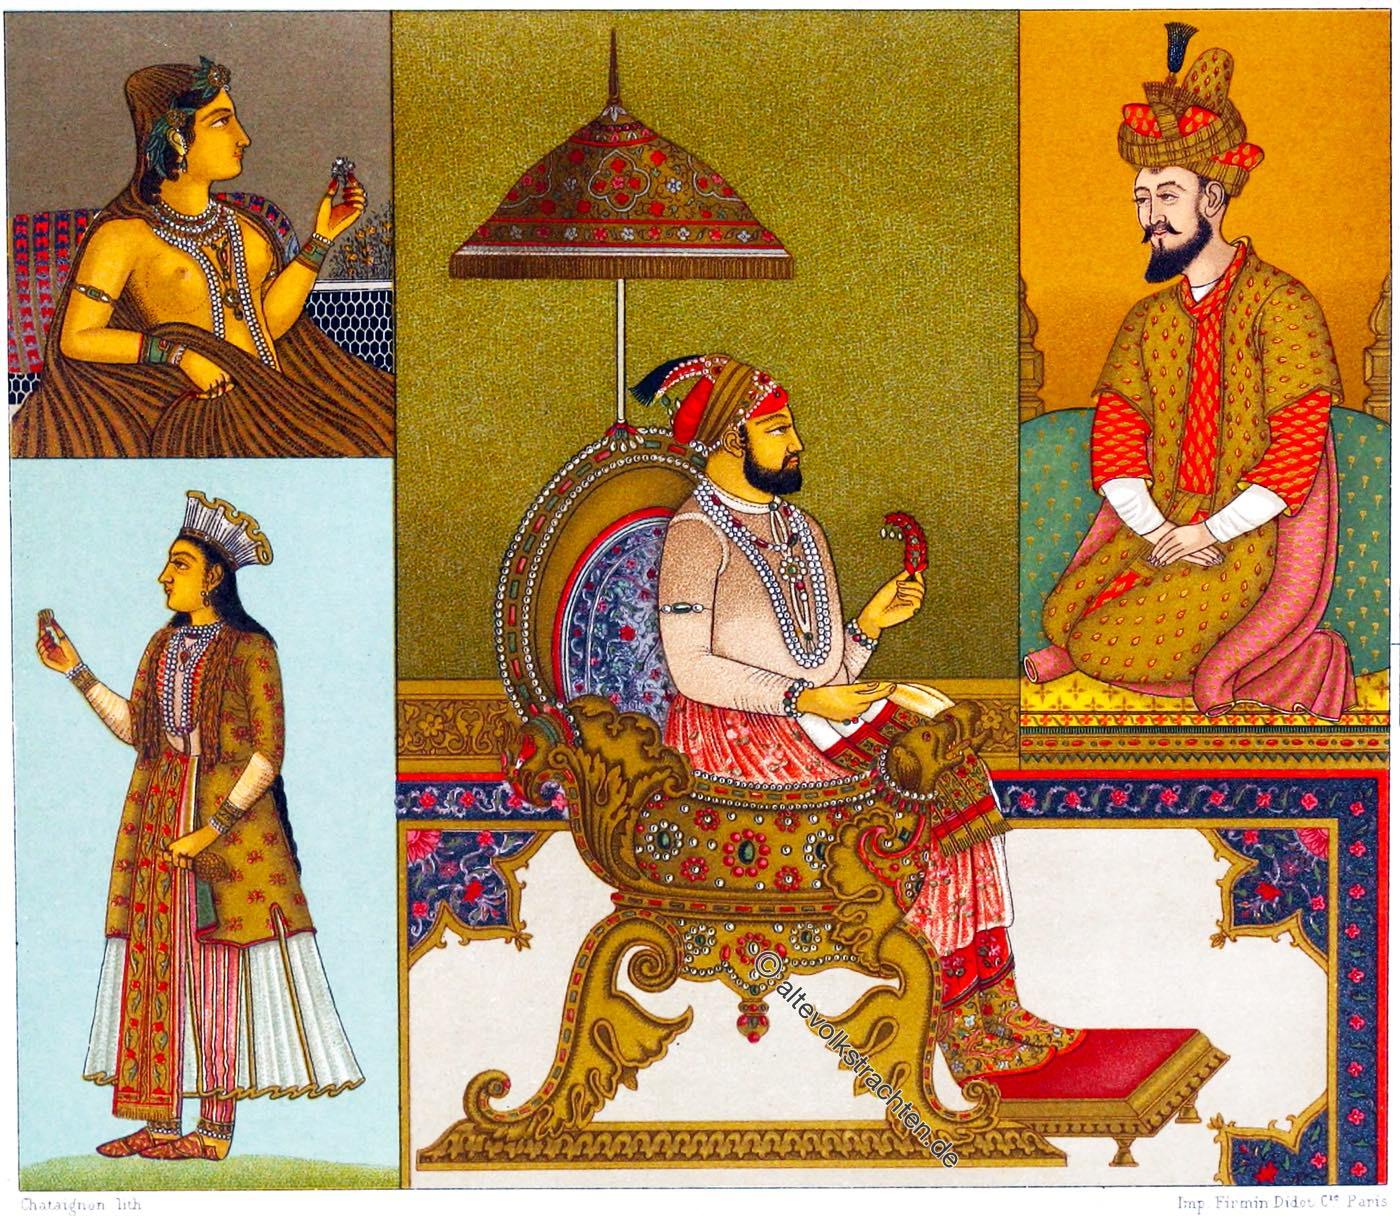 Auguste Racinet, Indien, Mogulreich, Hoftracht, Mogul, Kaiser, Kleidung,